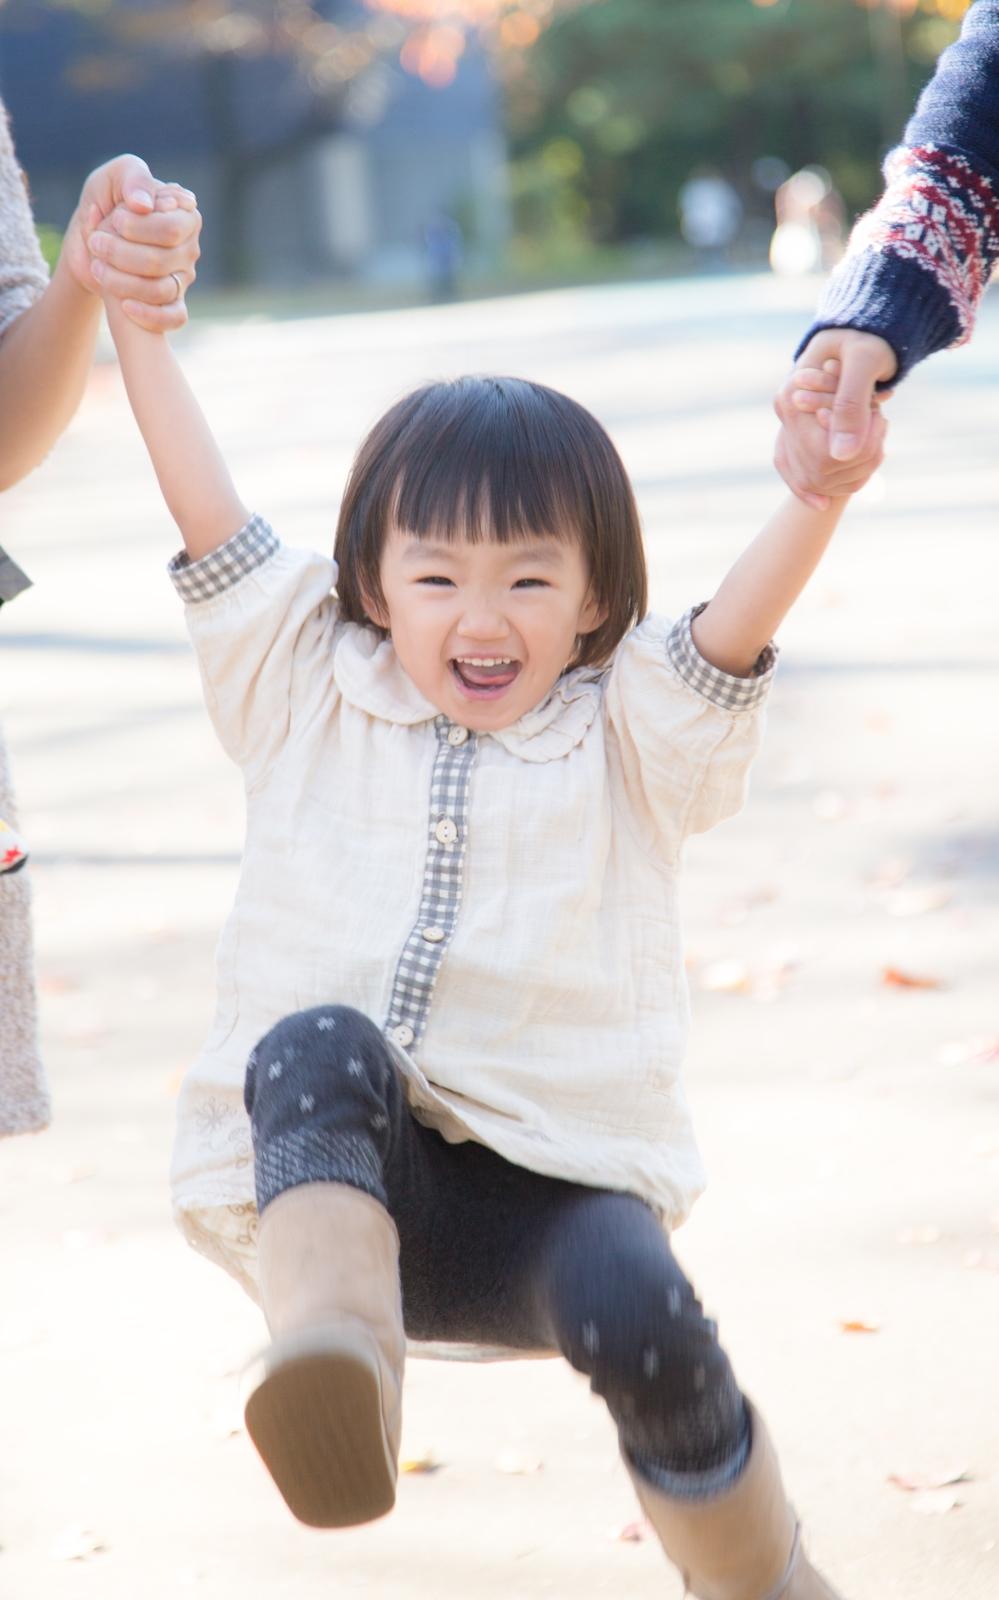 児童手当の手続きはどうやるの?申請する前におさえておきたい確認事項